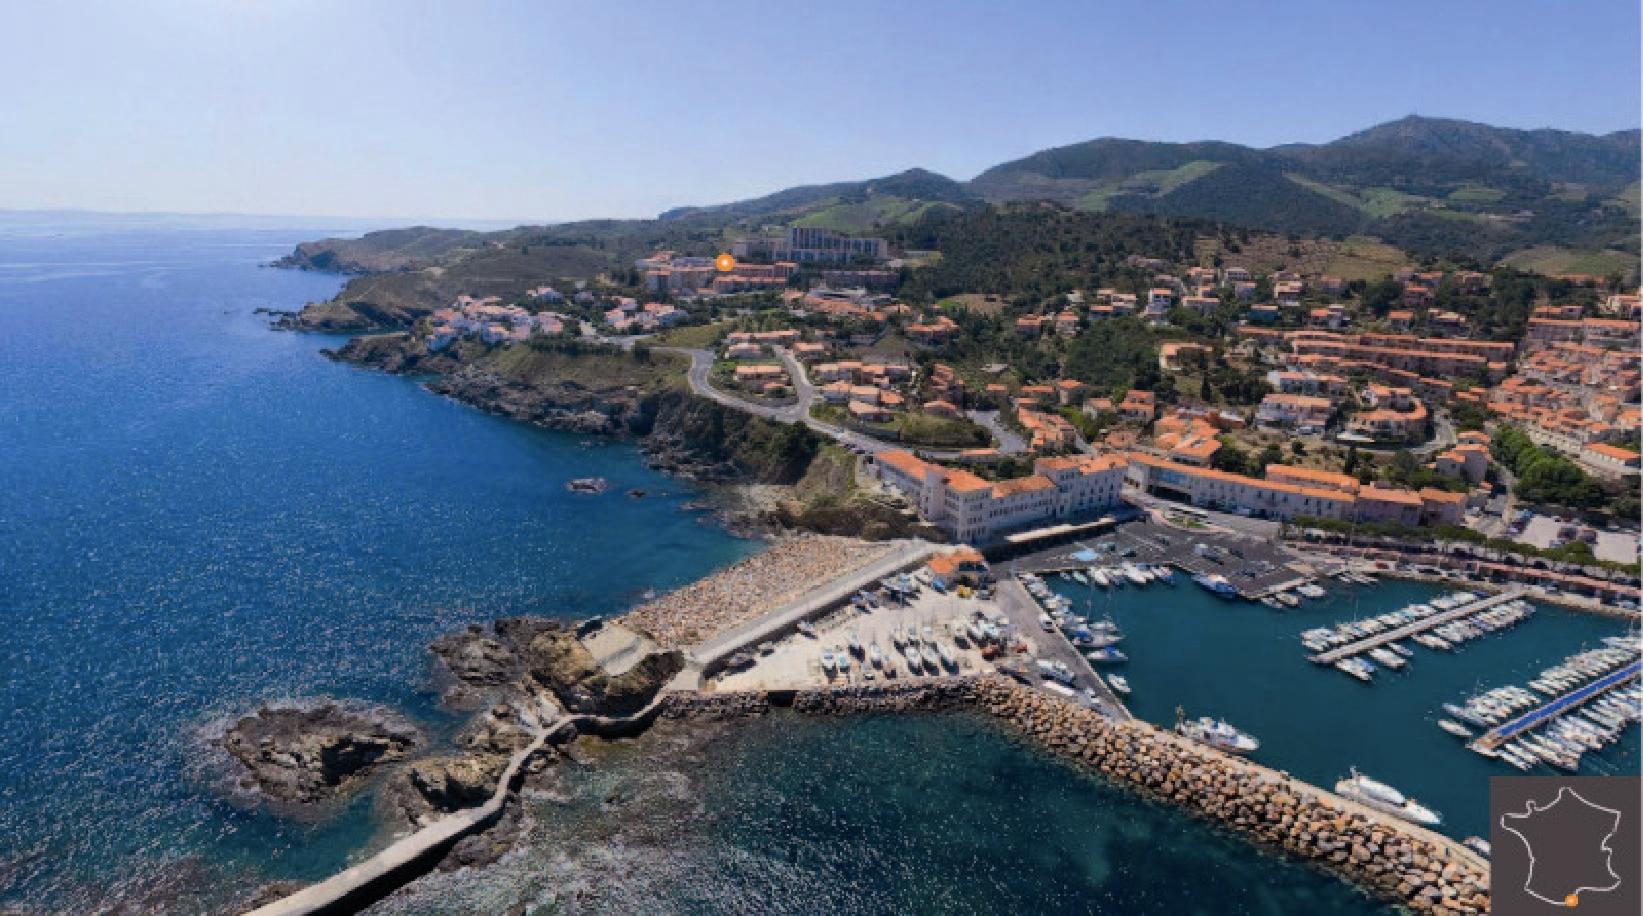 Vue de Banyuls-sur-Mer dans les Pyrénées-Orientales                                                les